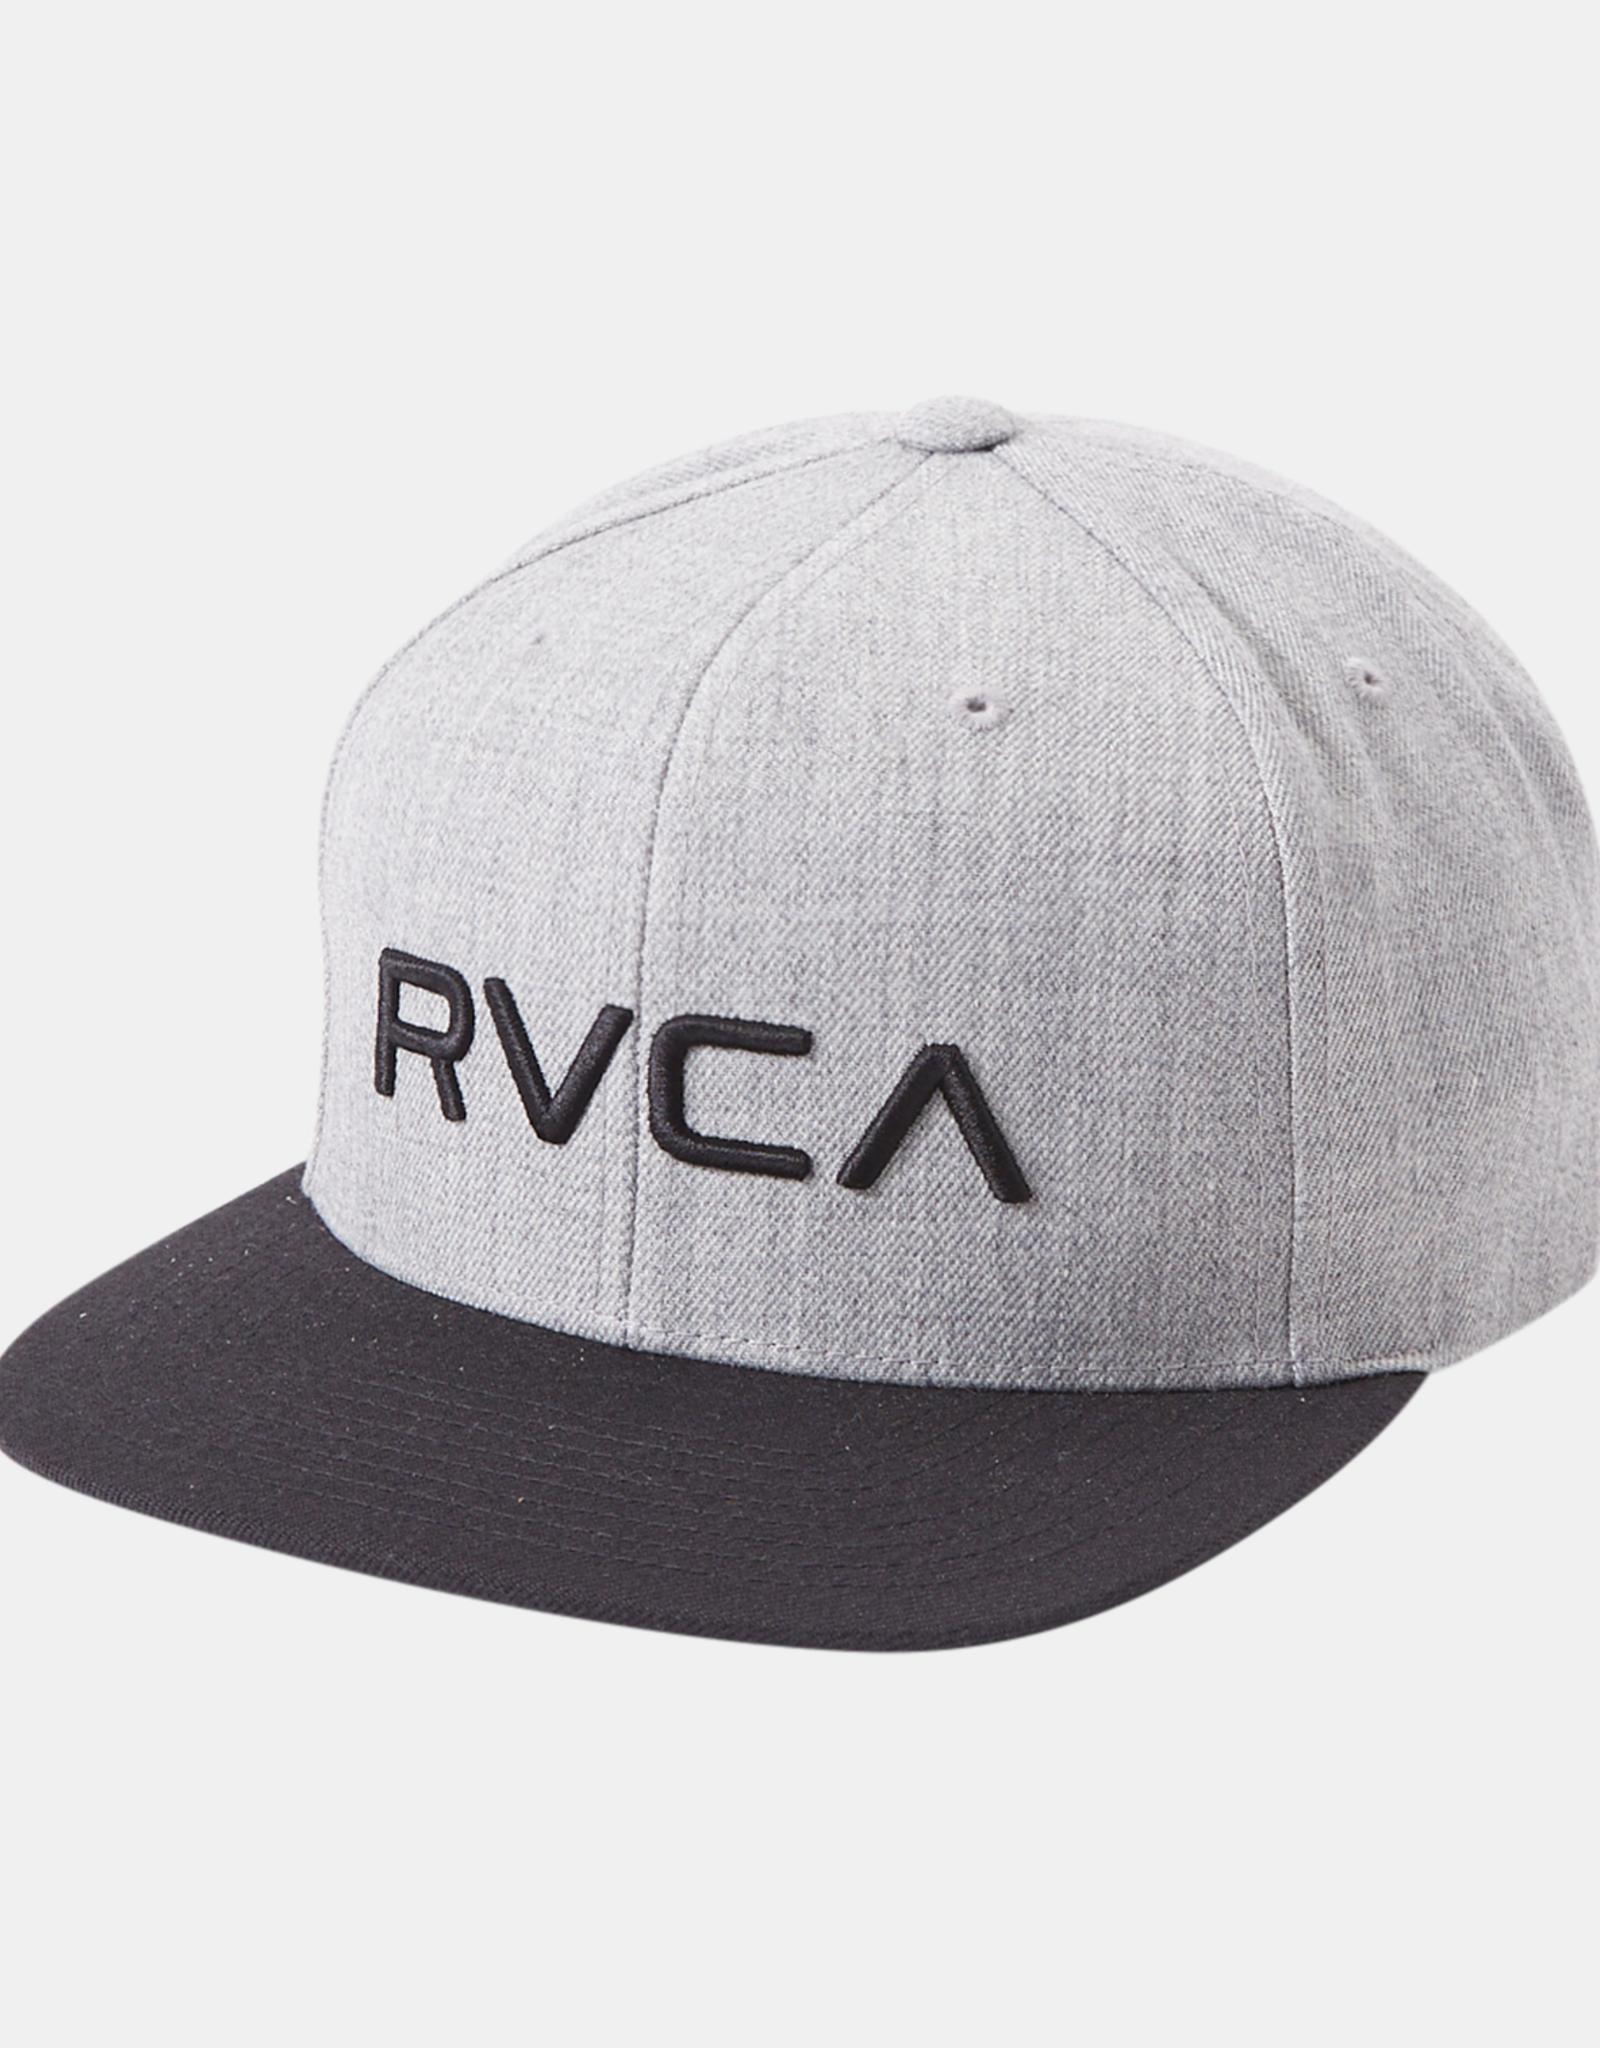 RVCA RVCA Snap HYL